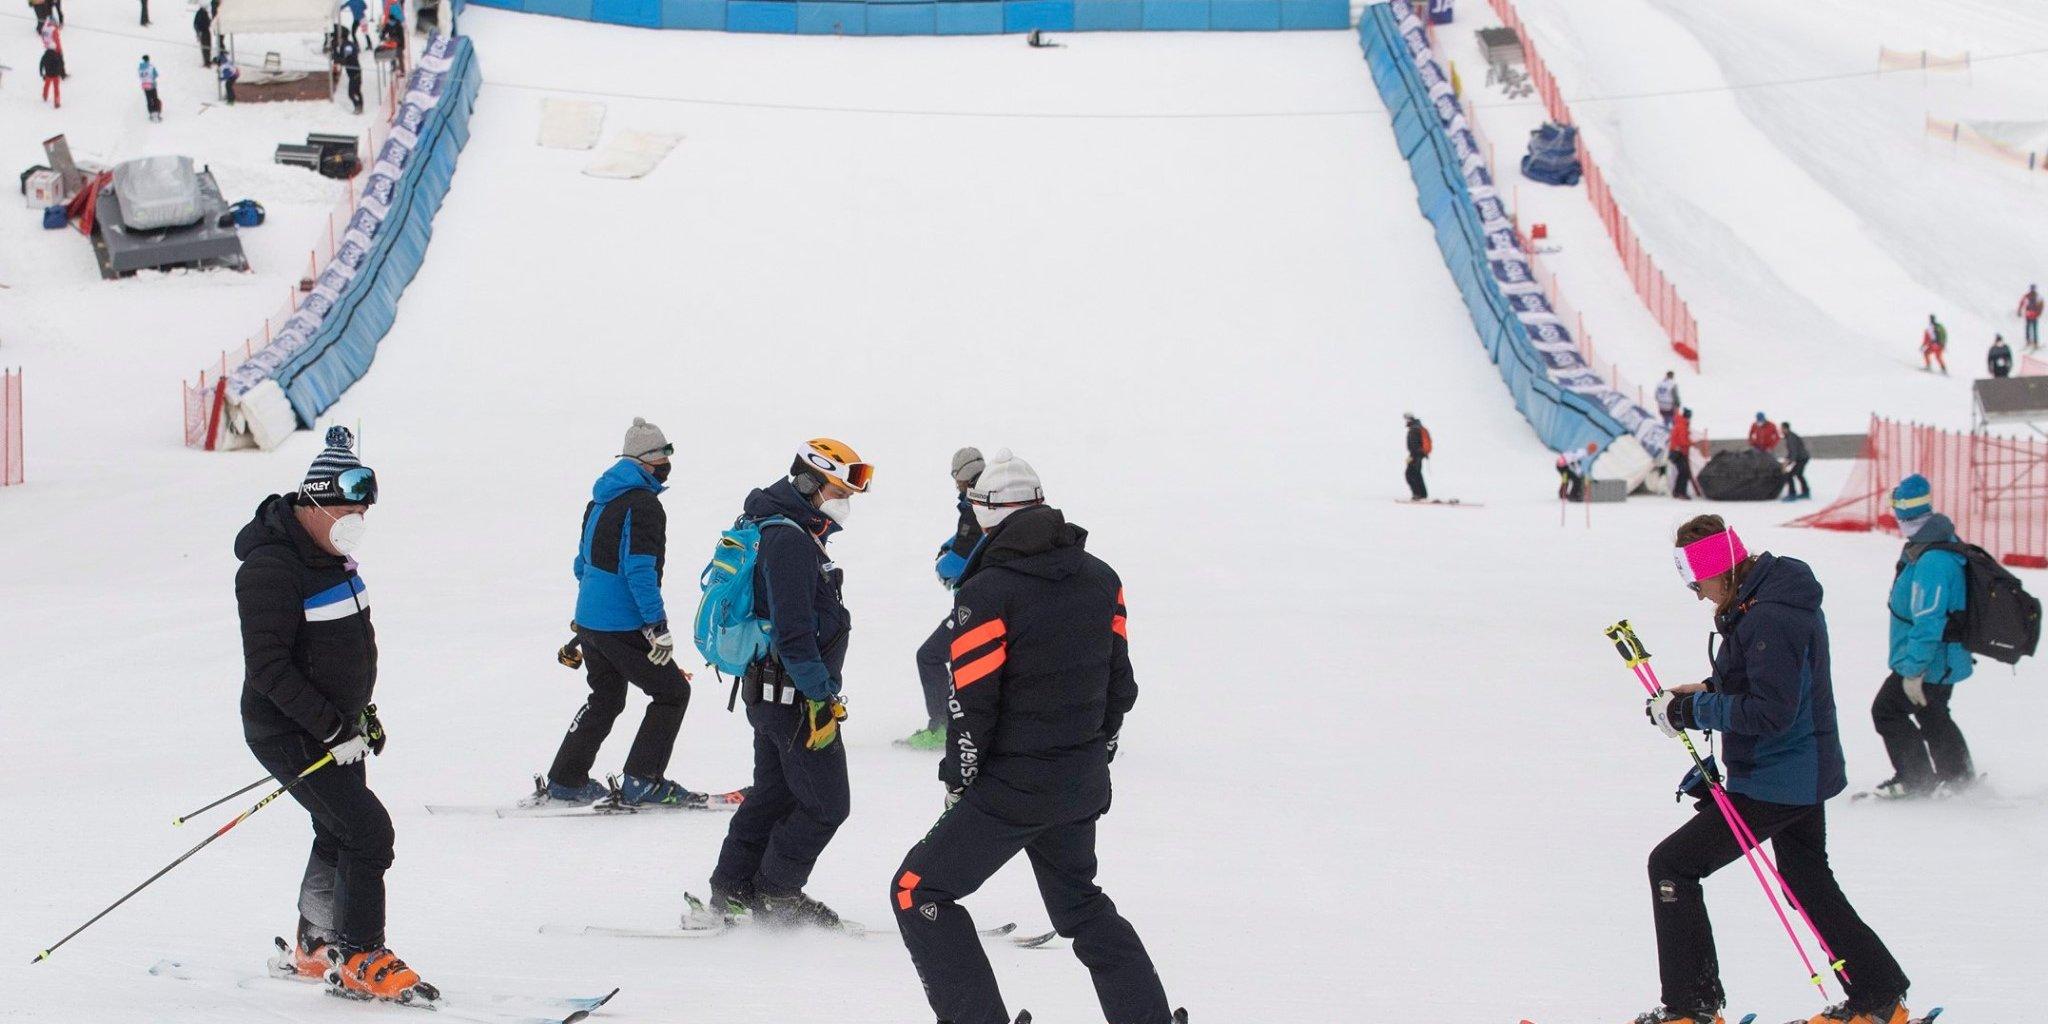 Jasná: havazás miatt felcserélték a hétvégi programot